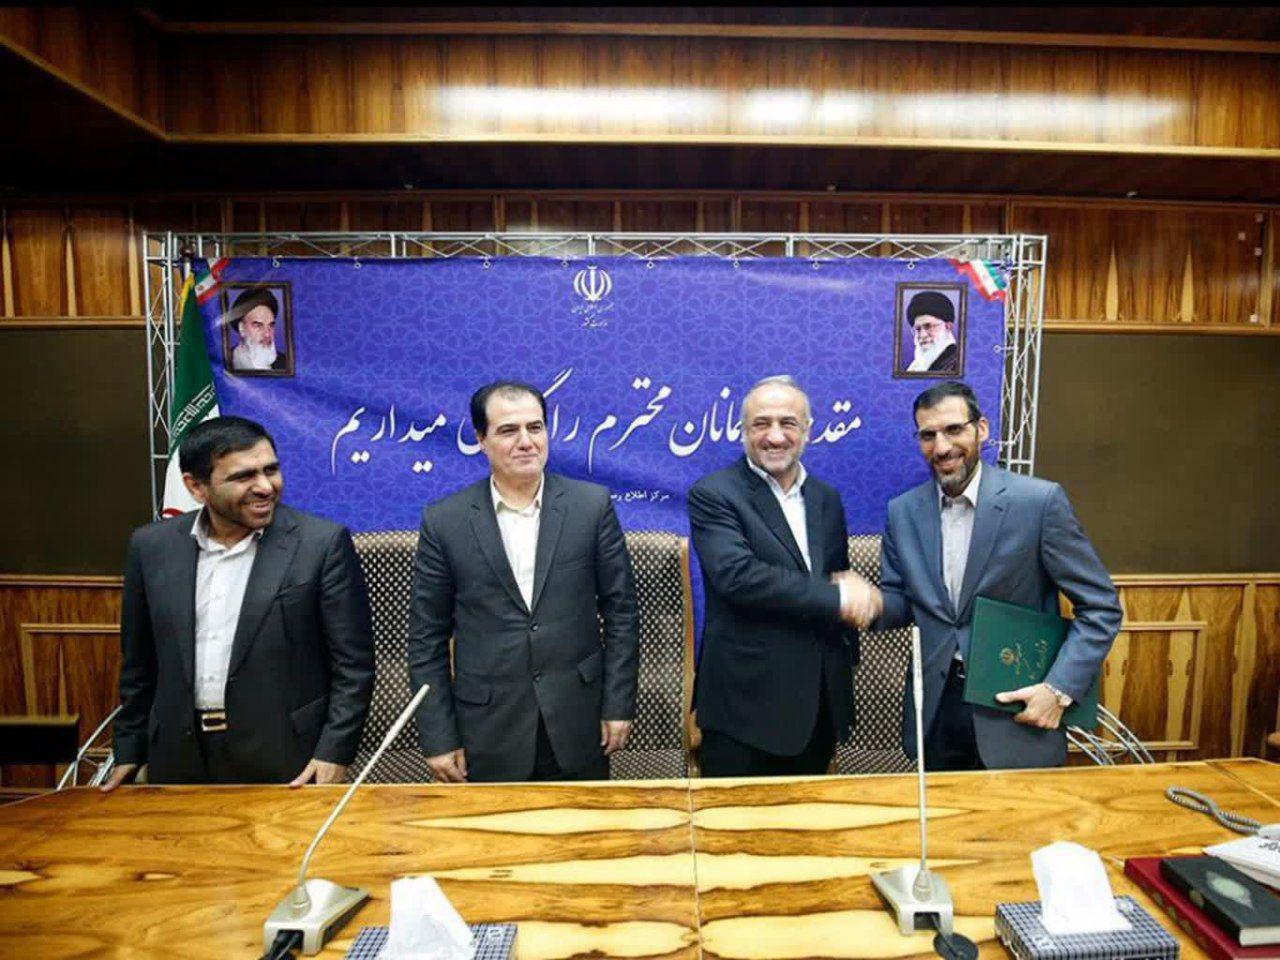 محمد حسن جابری انصاری به عنوان سرپرست مرکز اطلاع رسانی و امور بین الملل منصوب شد